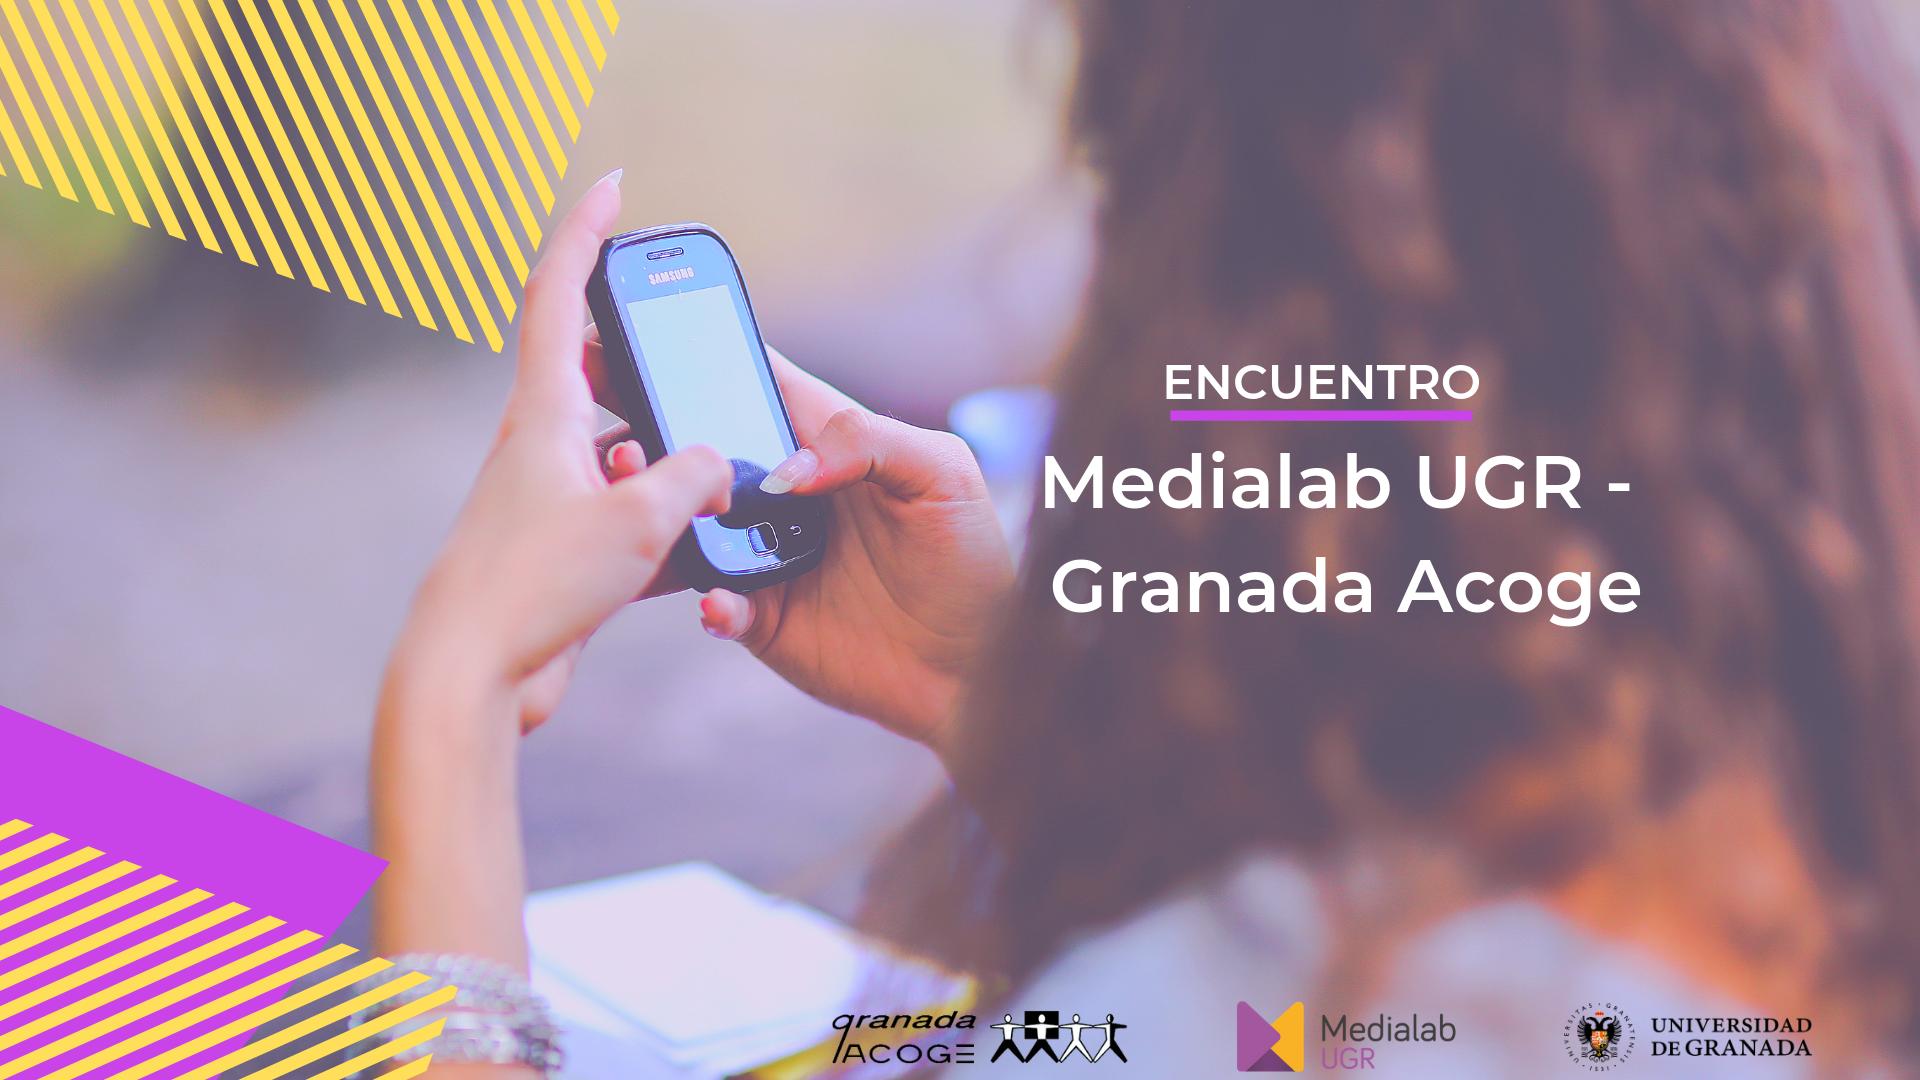 Encuentro Medialab UGR – Granada Acoge